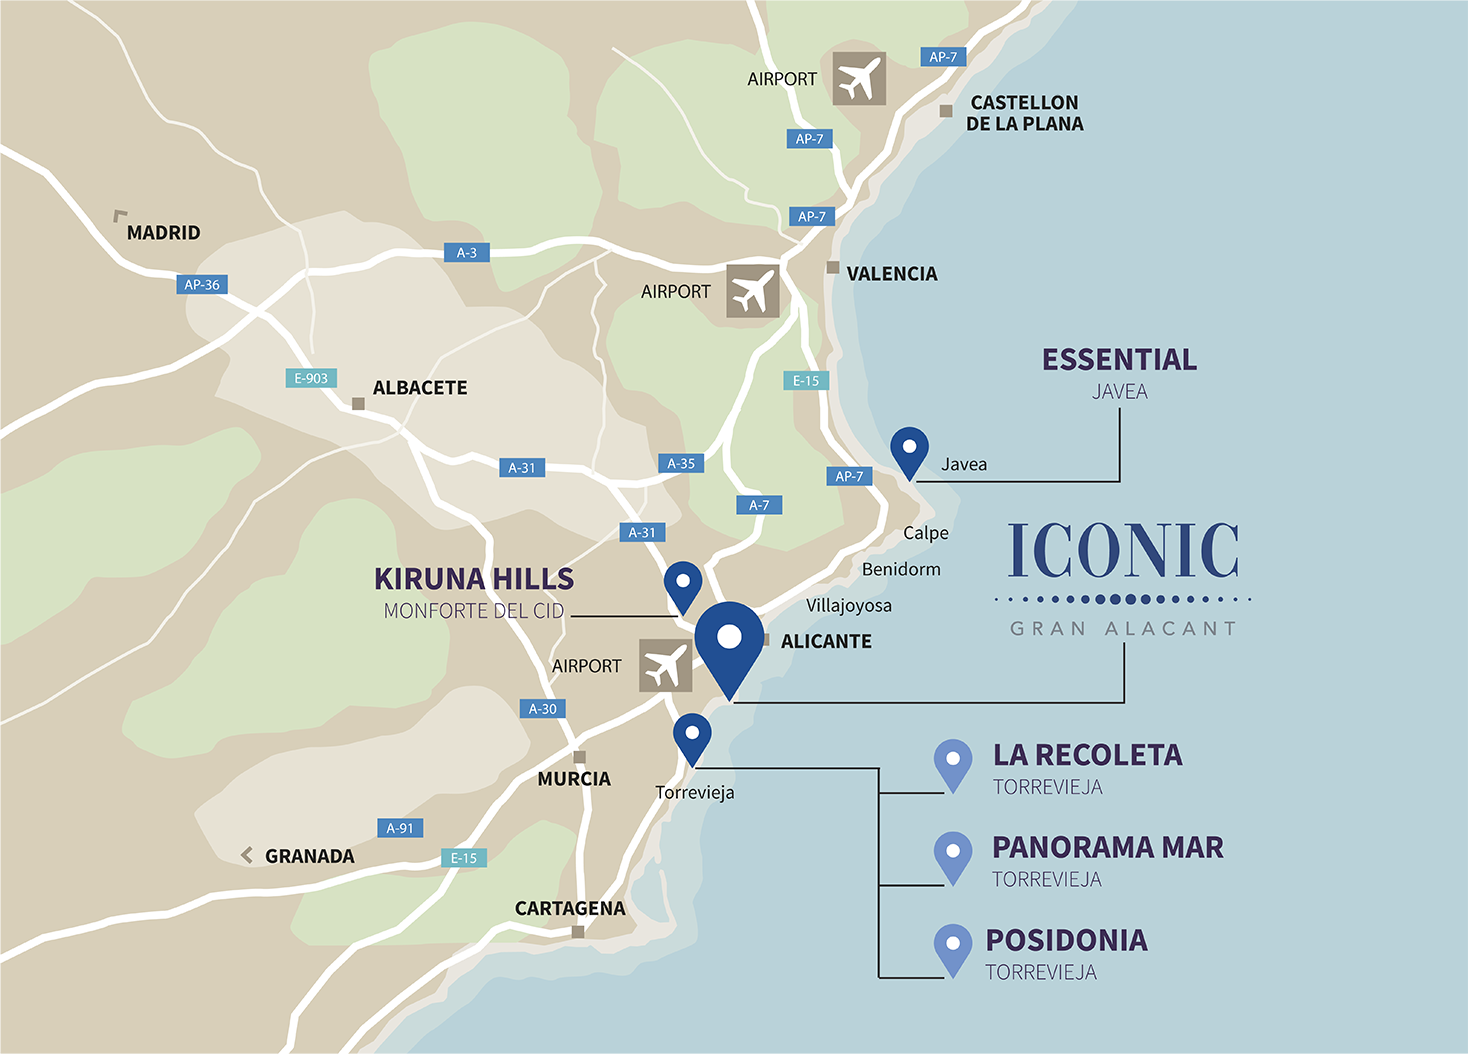 Mapa ICONIC movil eng